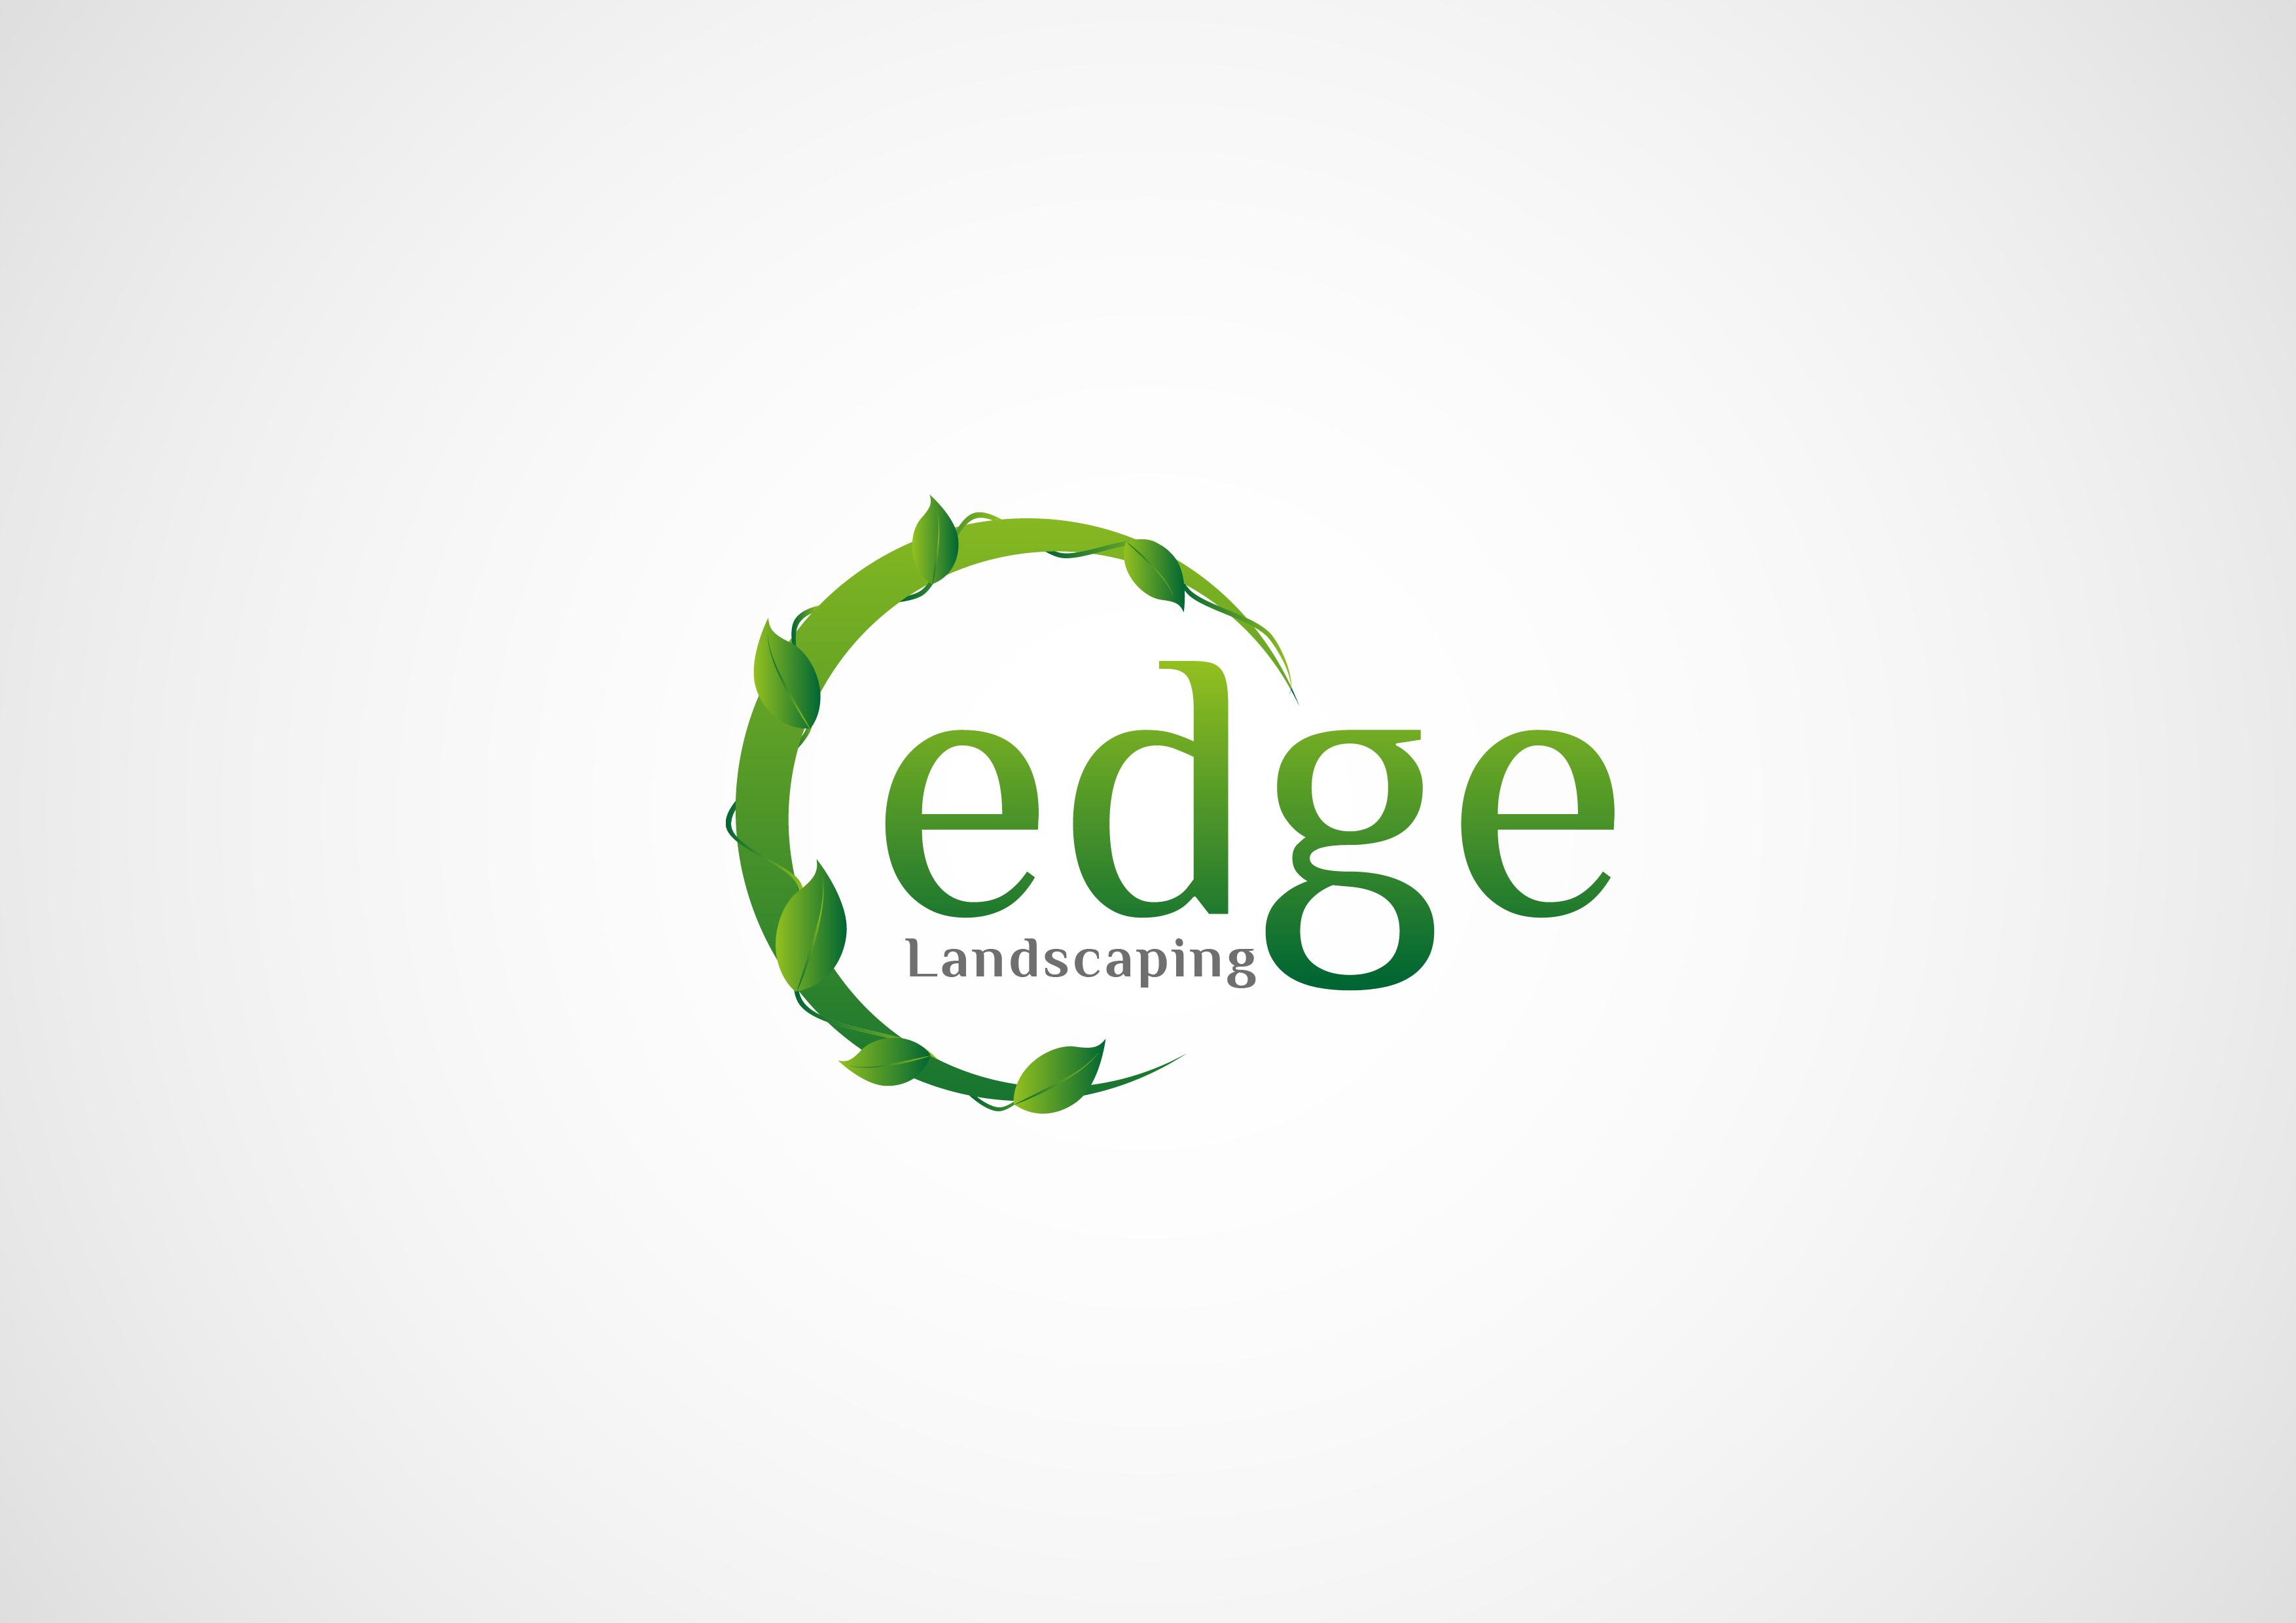 landscaping logo design free | bathroom design 2017-2018 ...